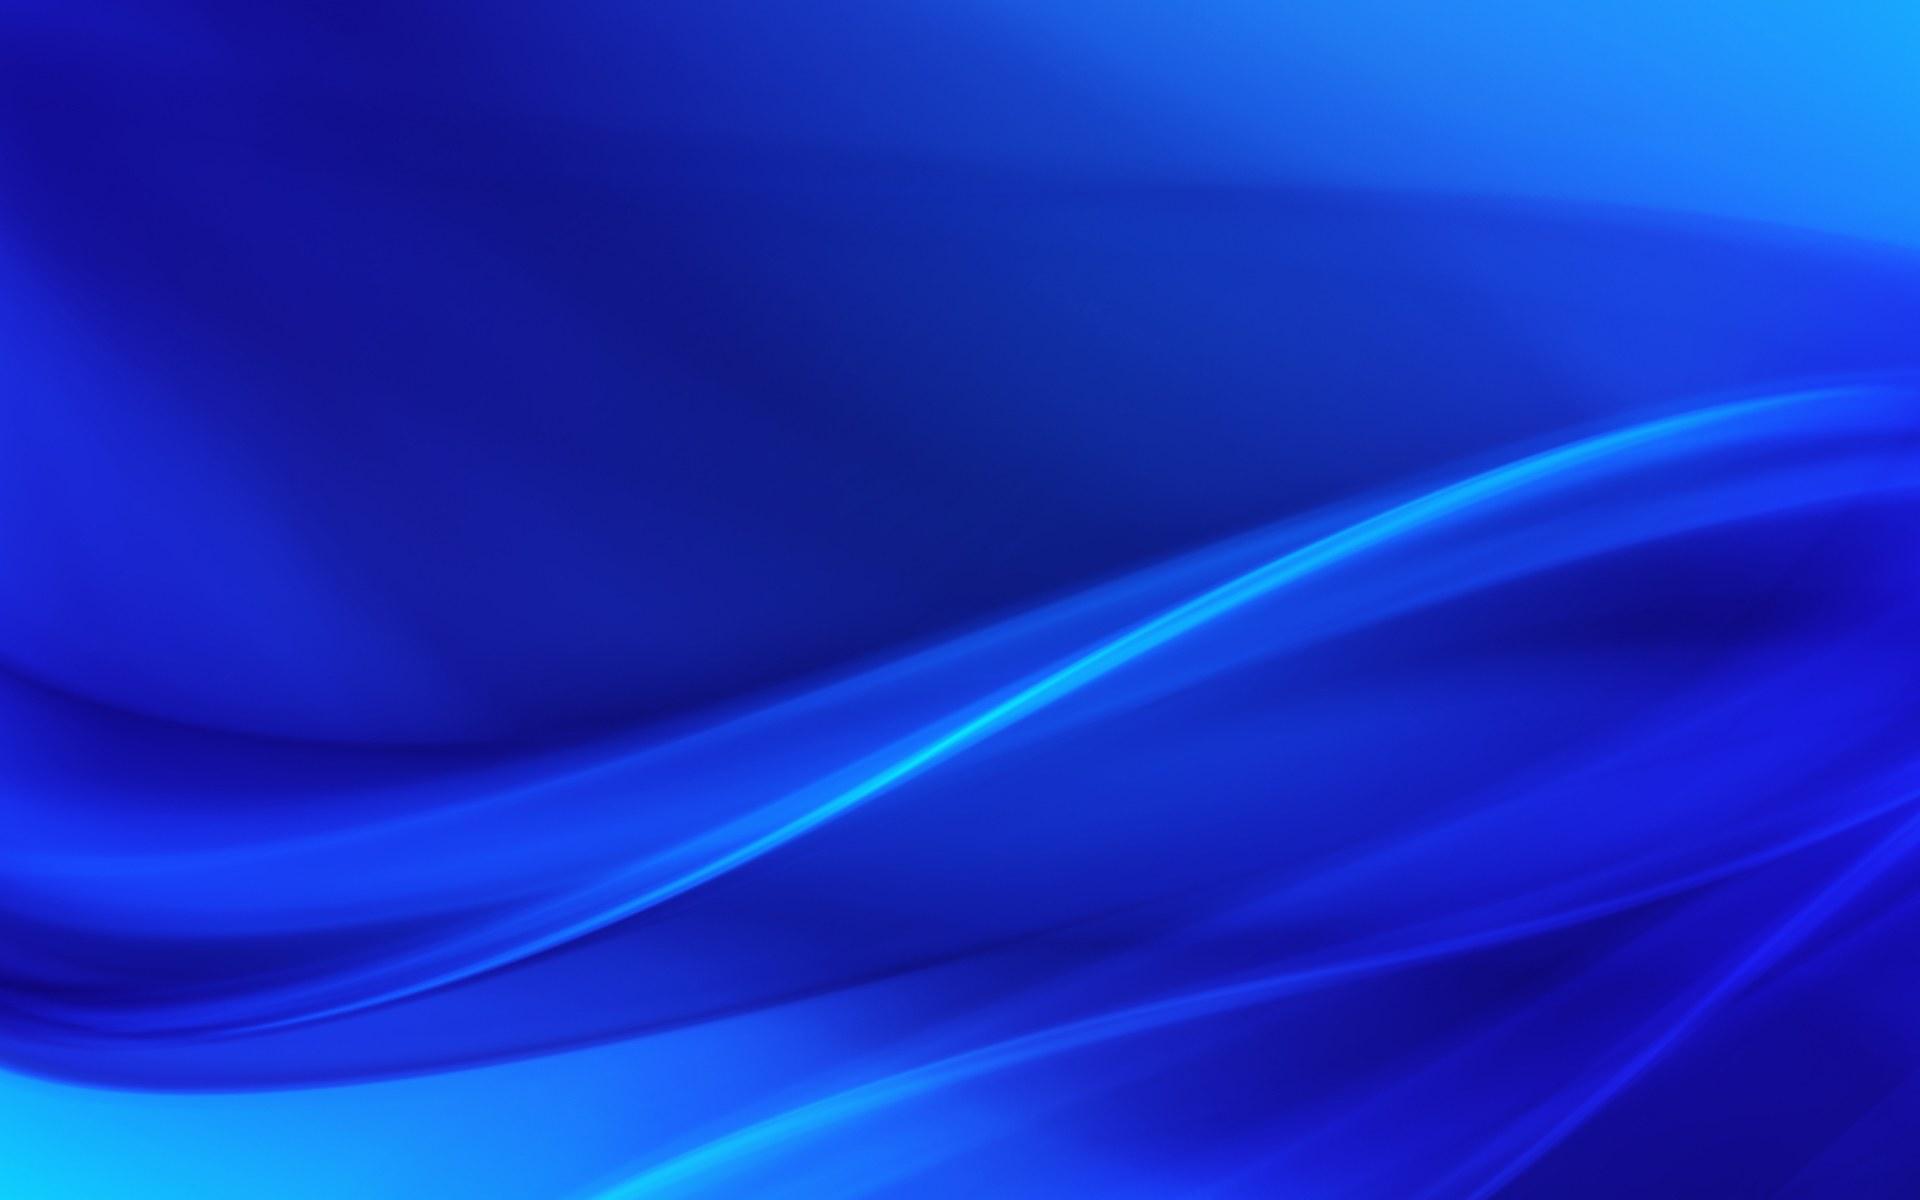 Art Blue Color Wallpaper HD 1920x1200